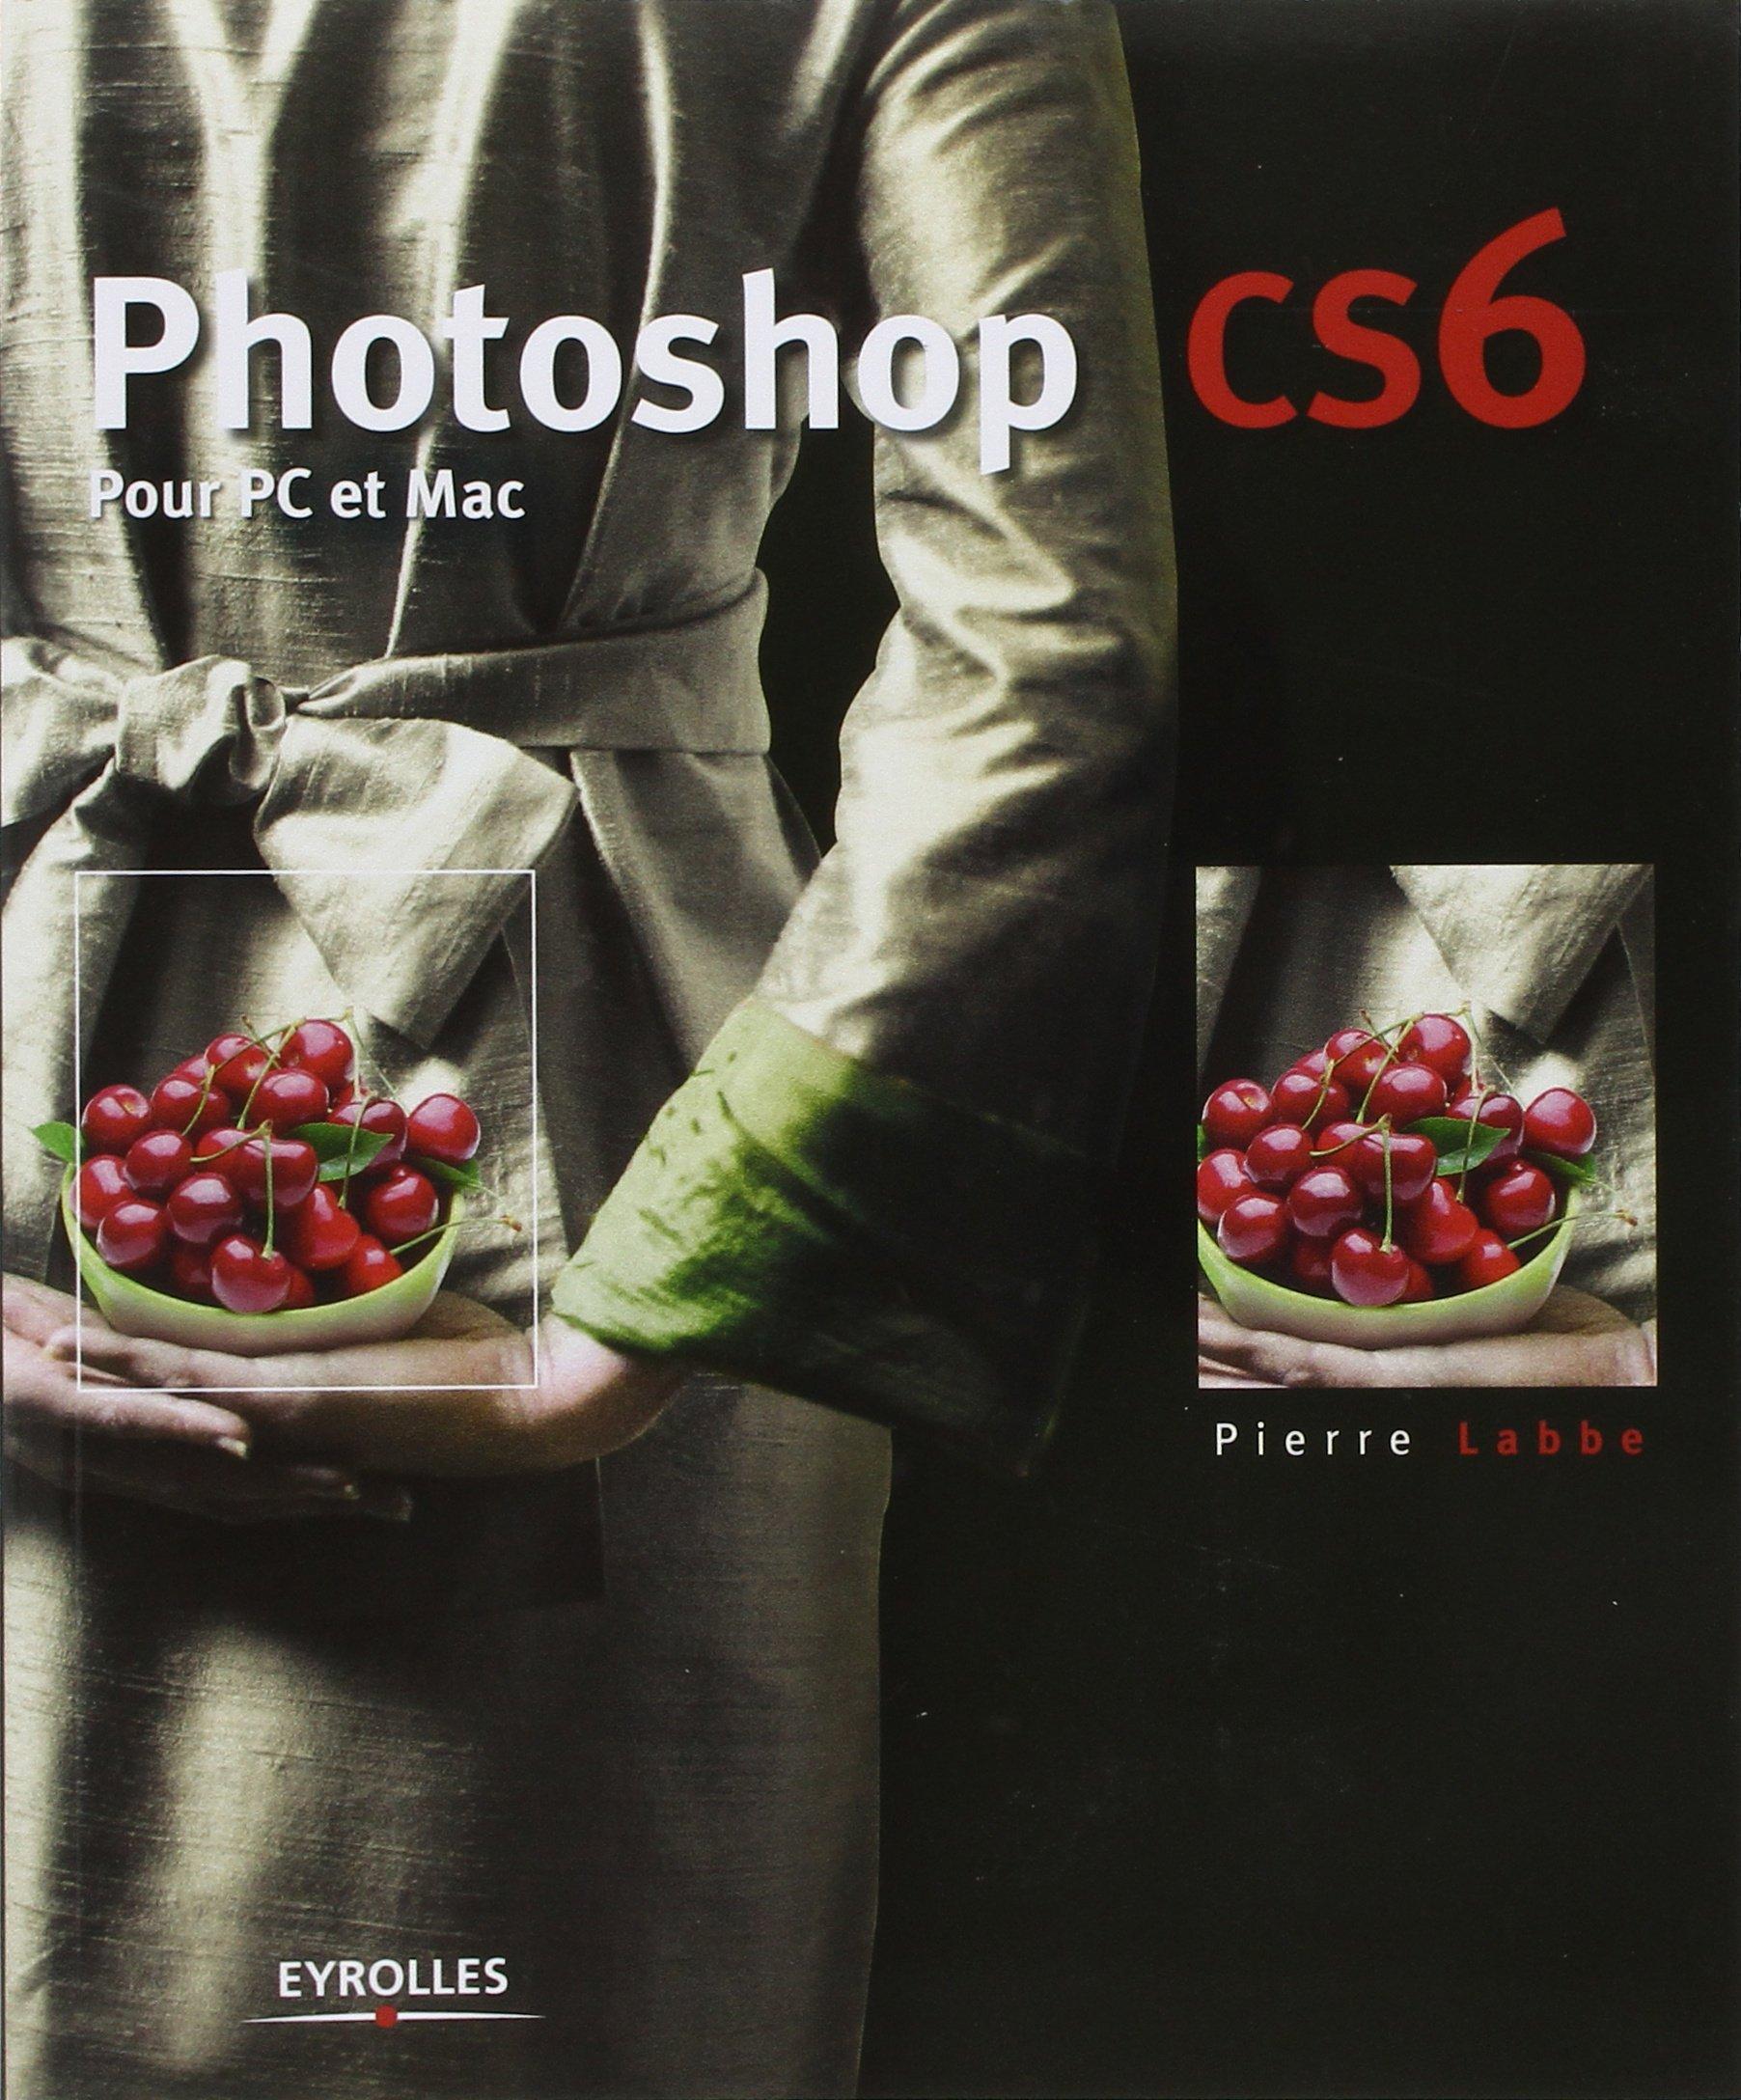 télécharger PHOTOSHOP CS6 : POUR PC ET MAC